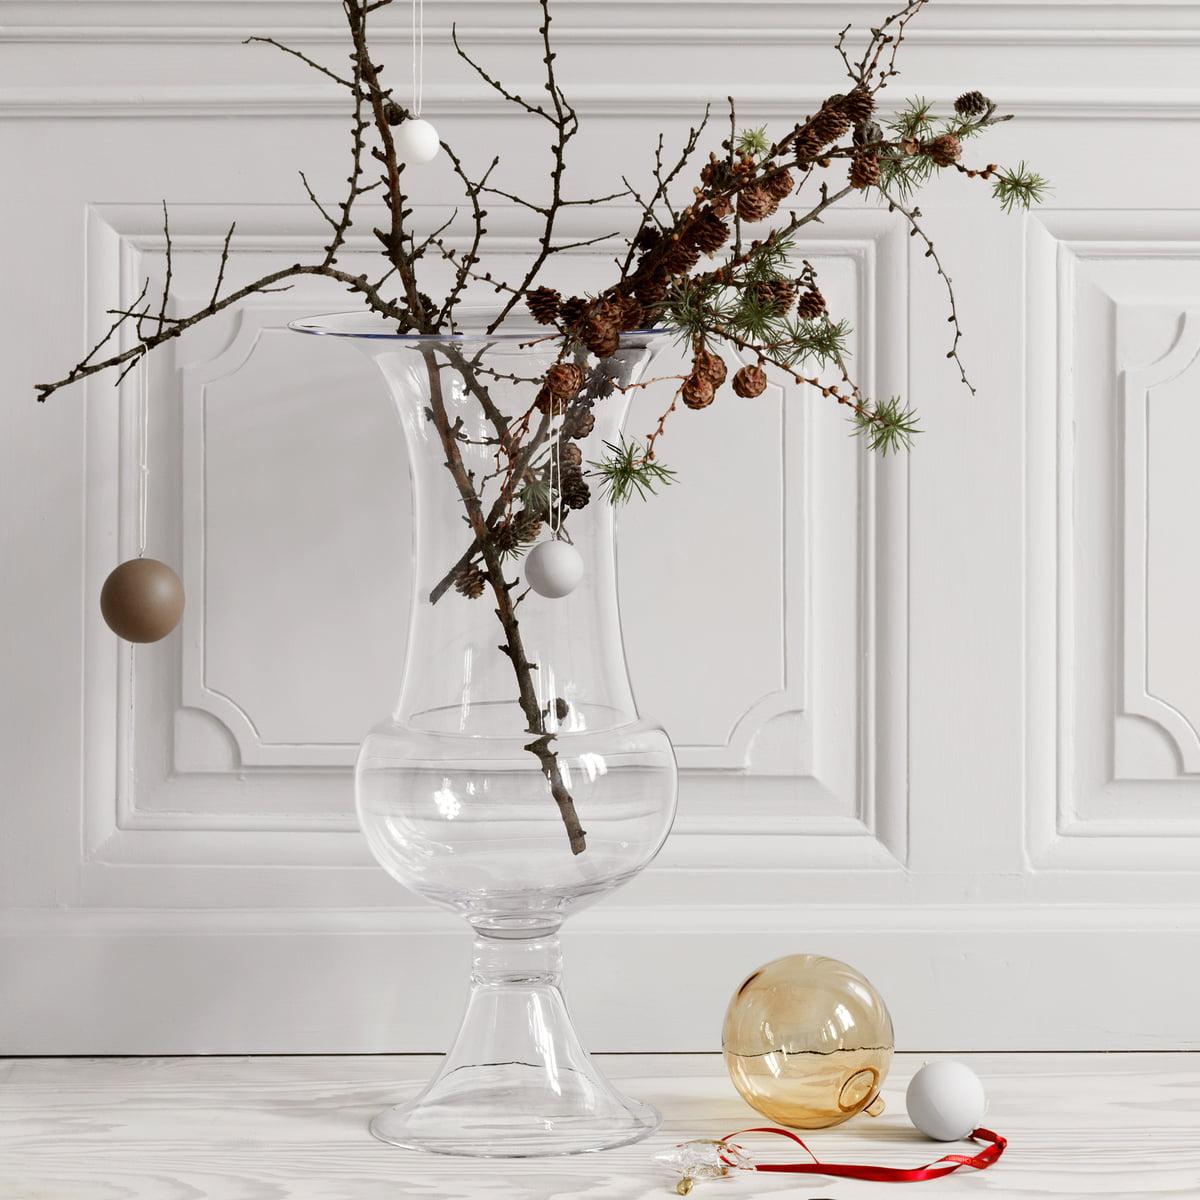 vase de sol de holmegaard connox. Black Bedroom Furniture Sets. Home Design Ideas